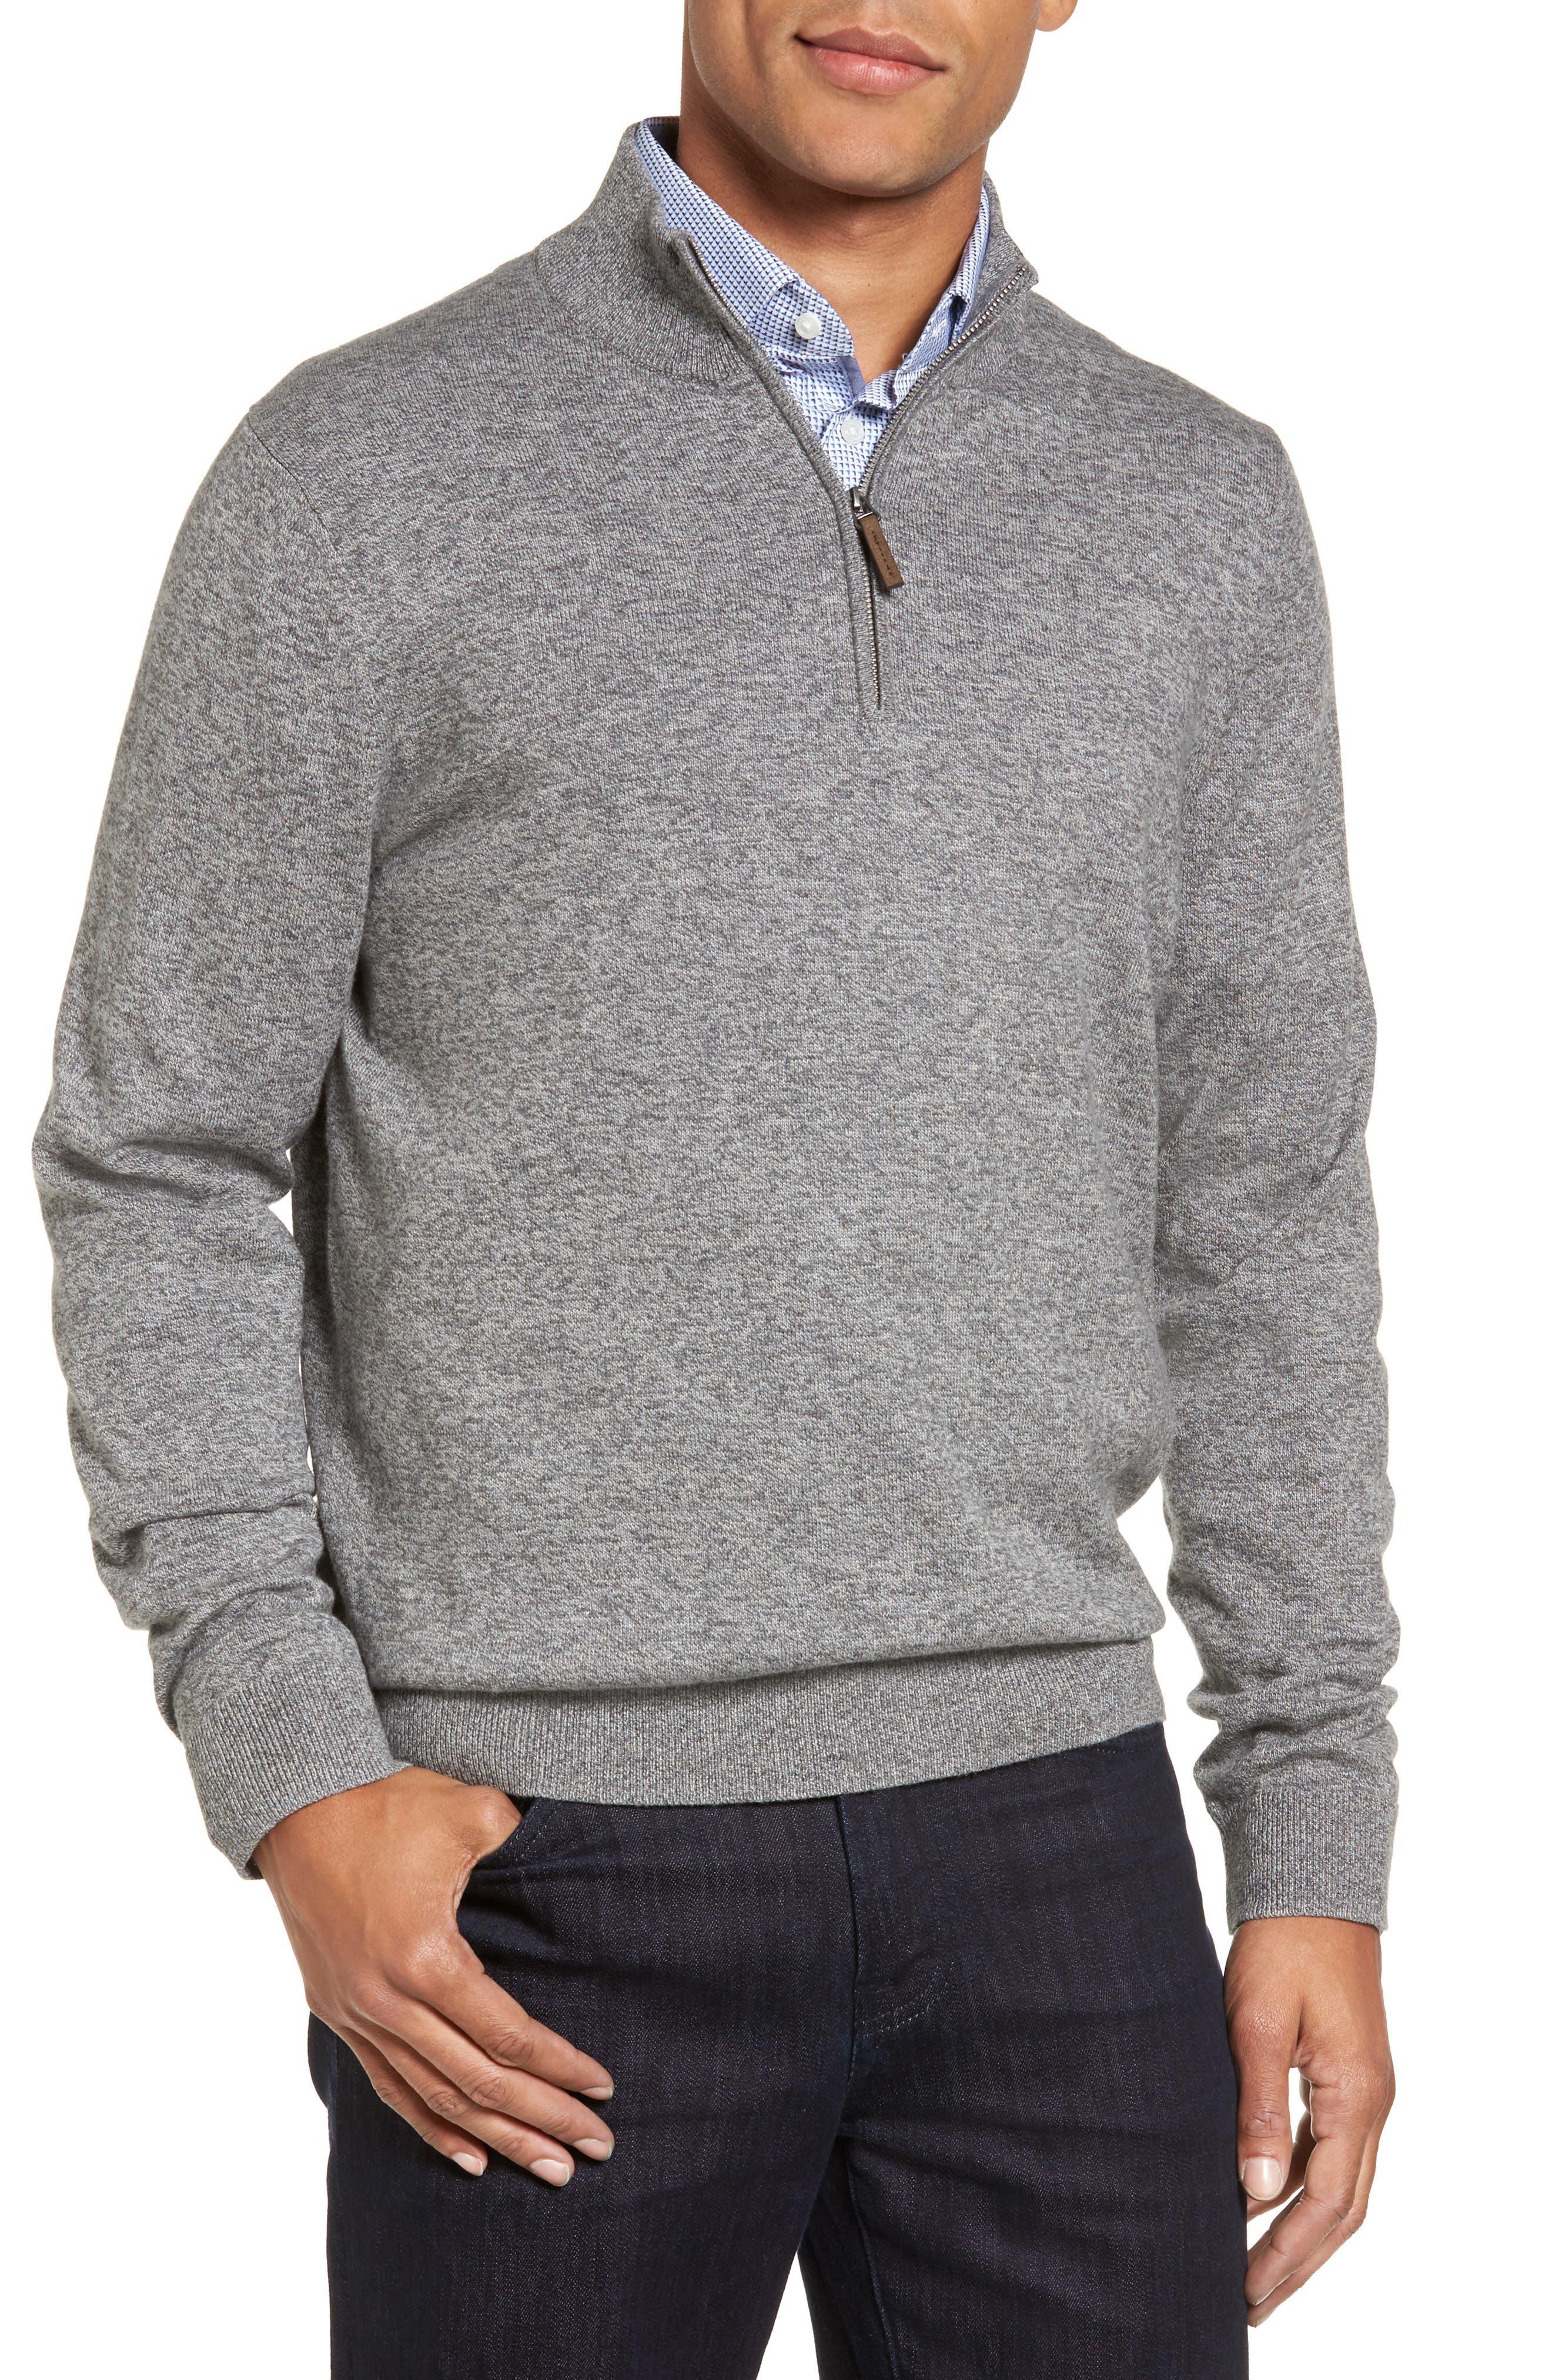 Main Image - Nordstrom Men's Shop Quarter Zip Sweater (Big)